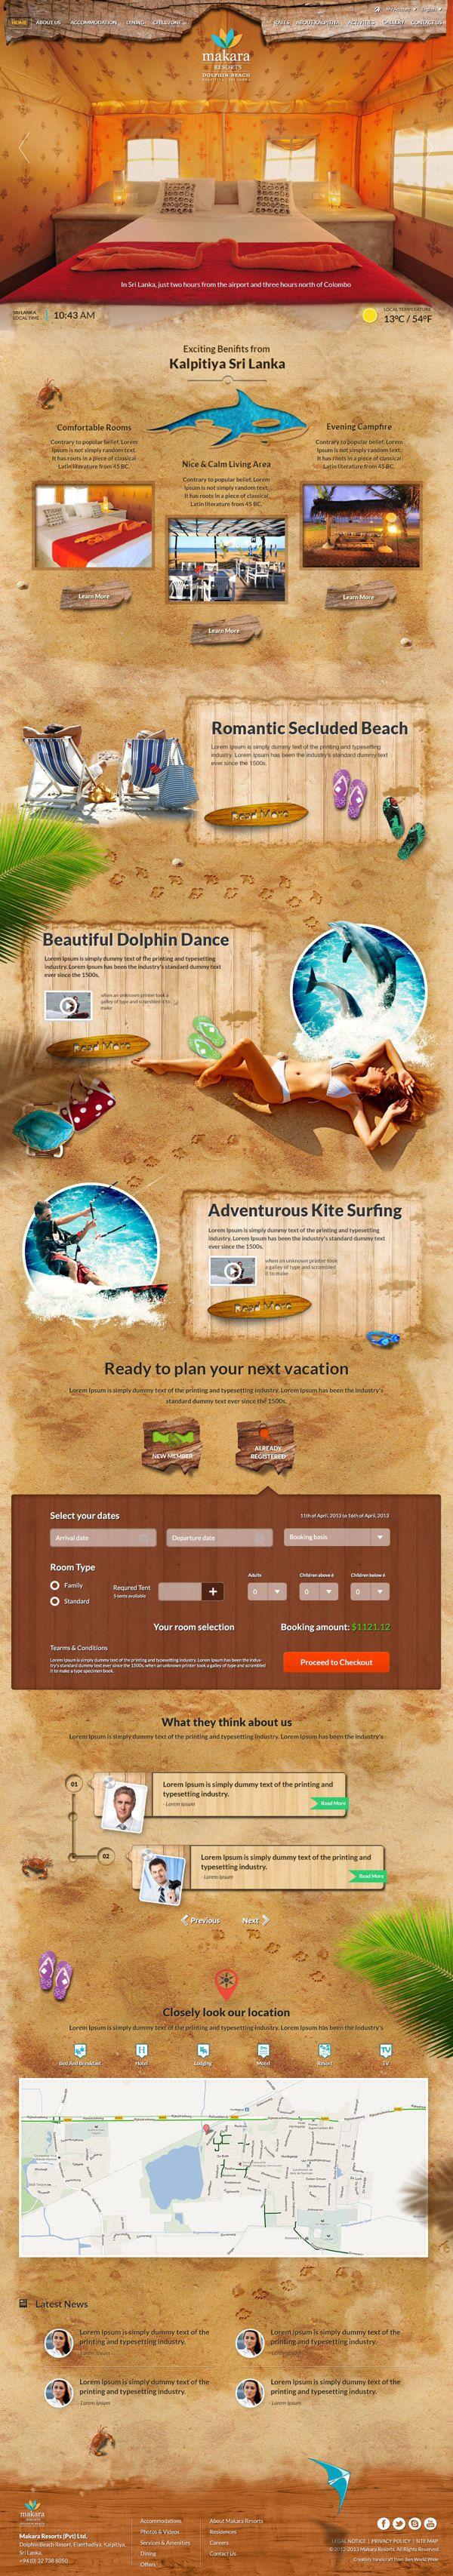 Makara Resorts - Kalpitiya (Revamp) by Yashi , via Behance